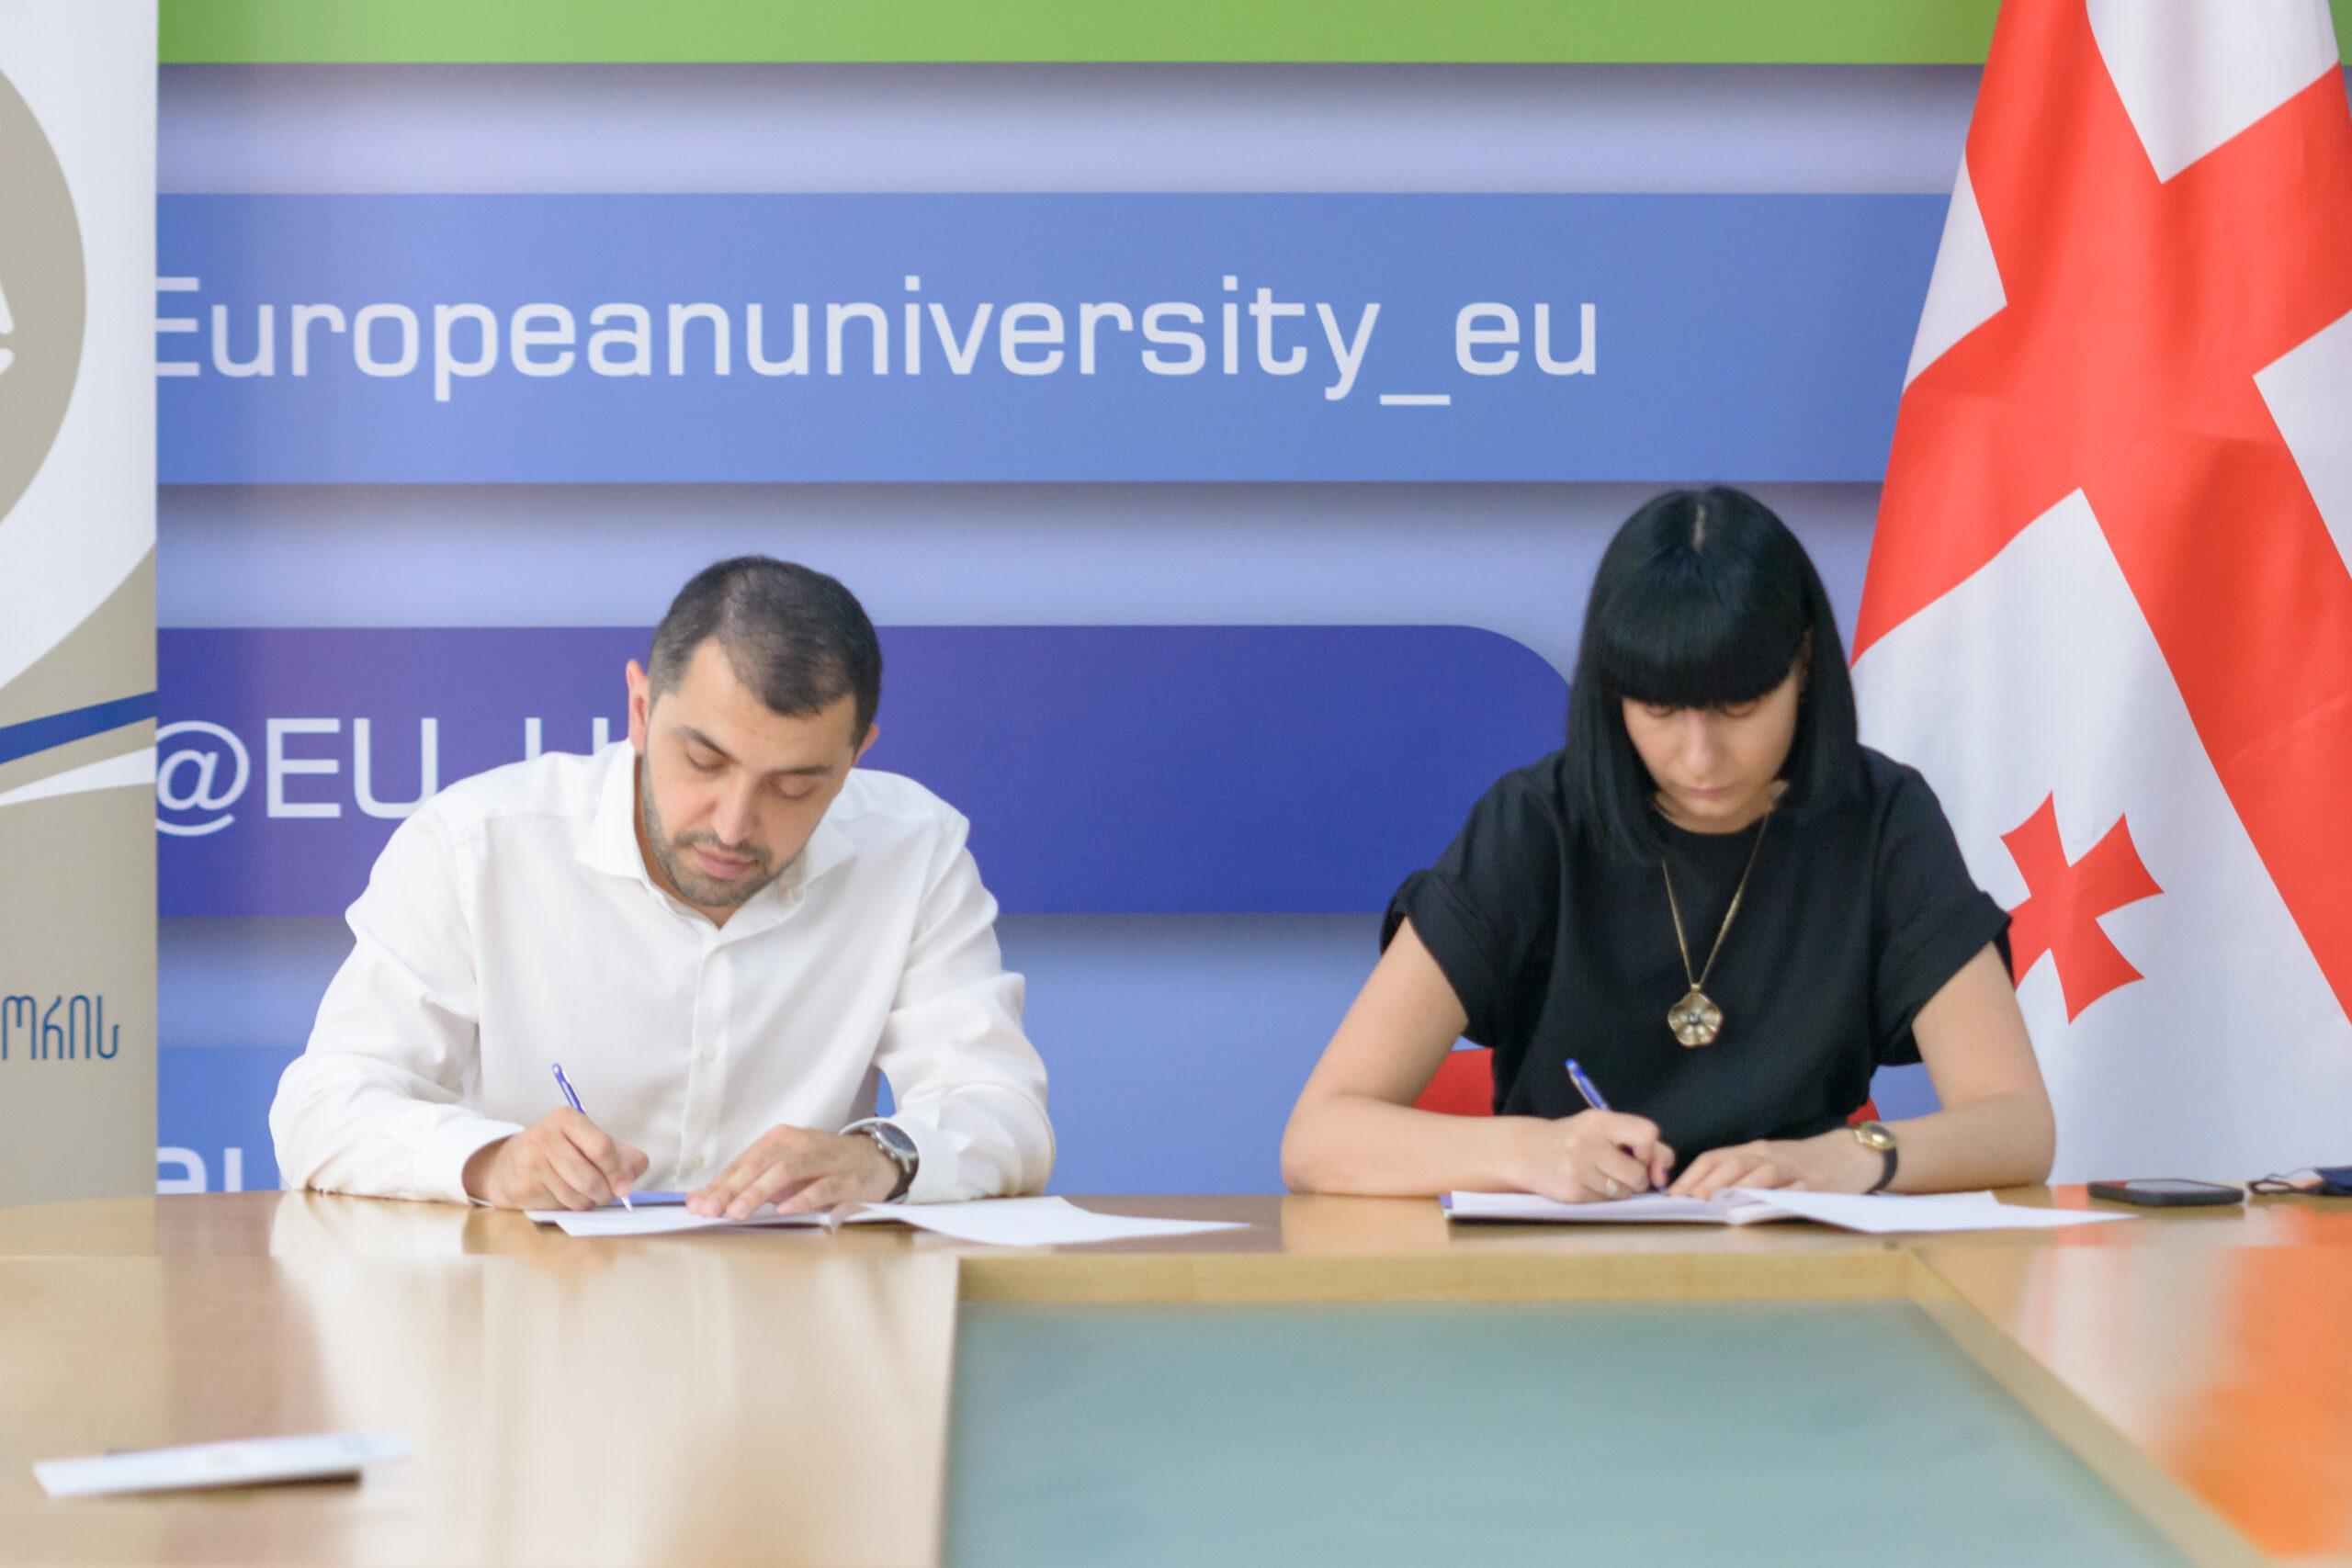 Memorandum of Understanding with European University